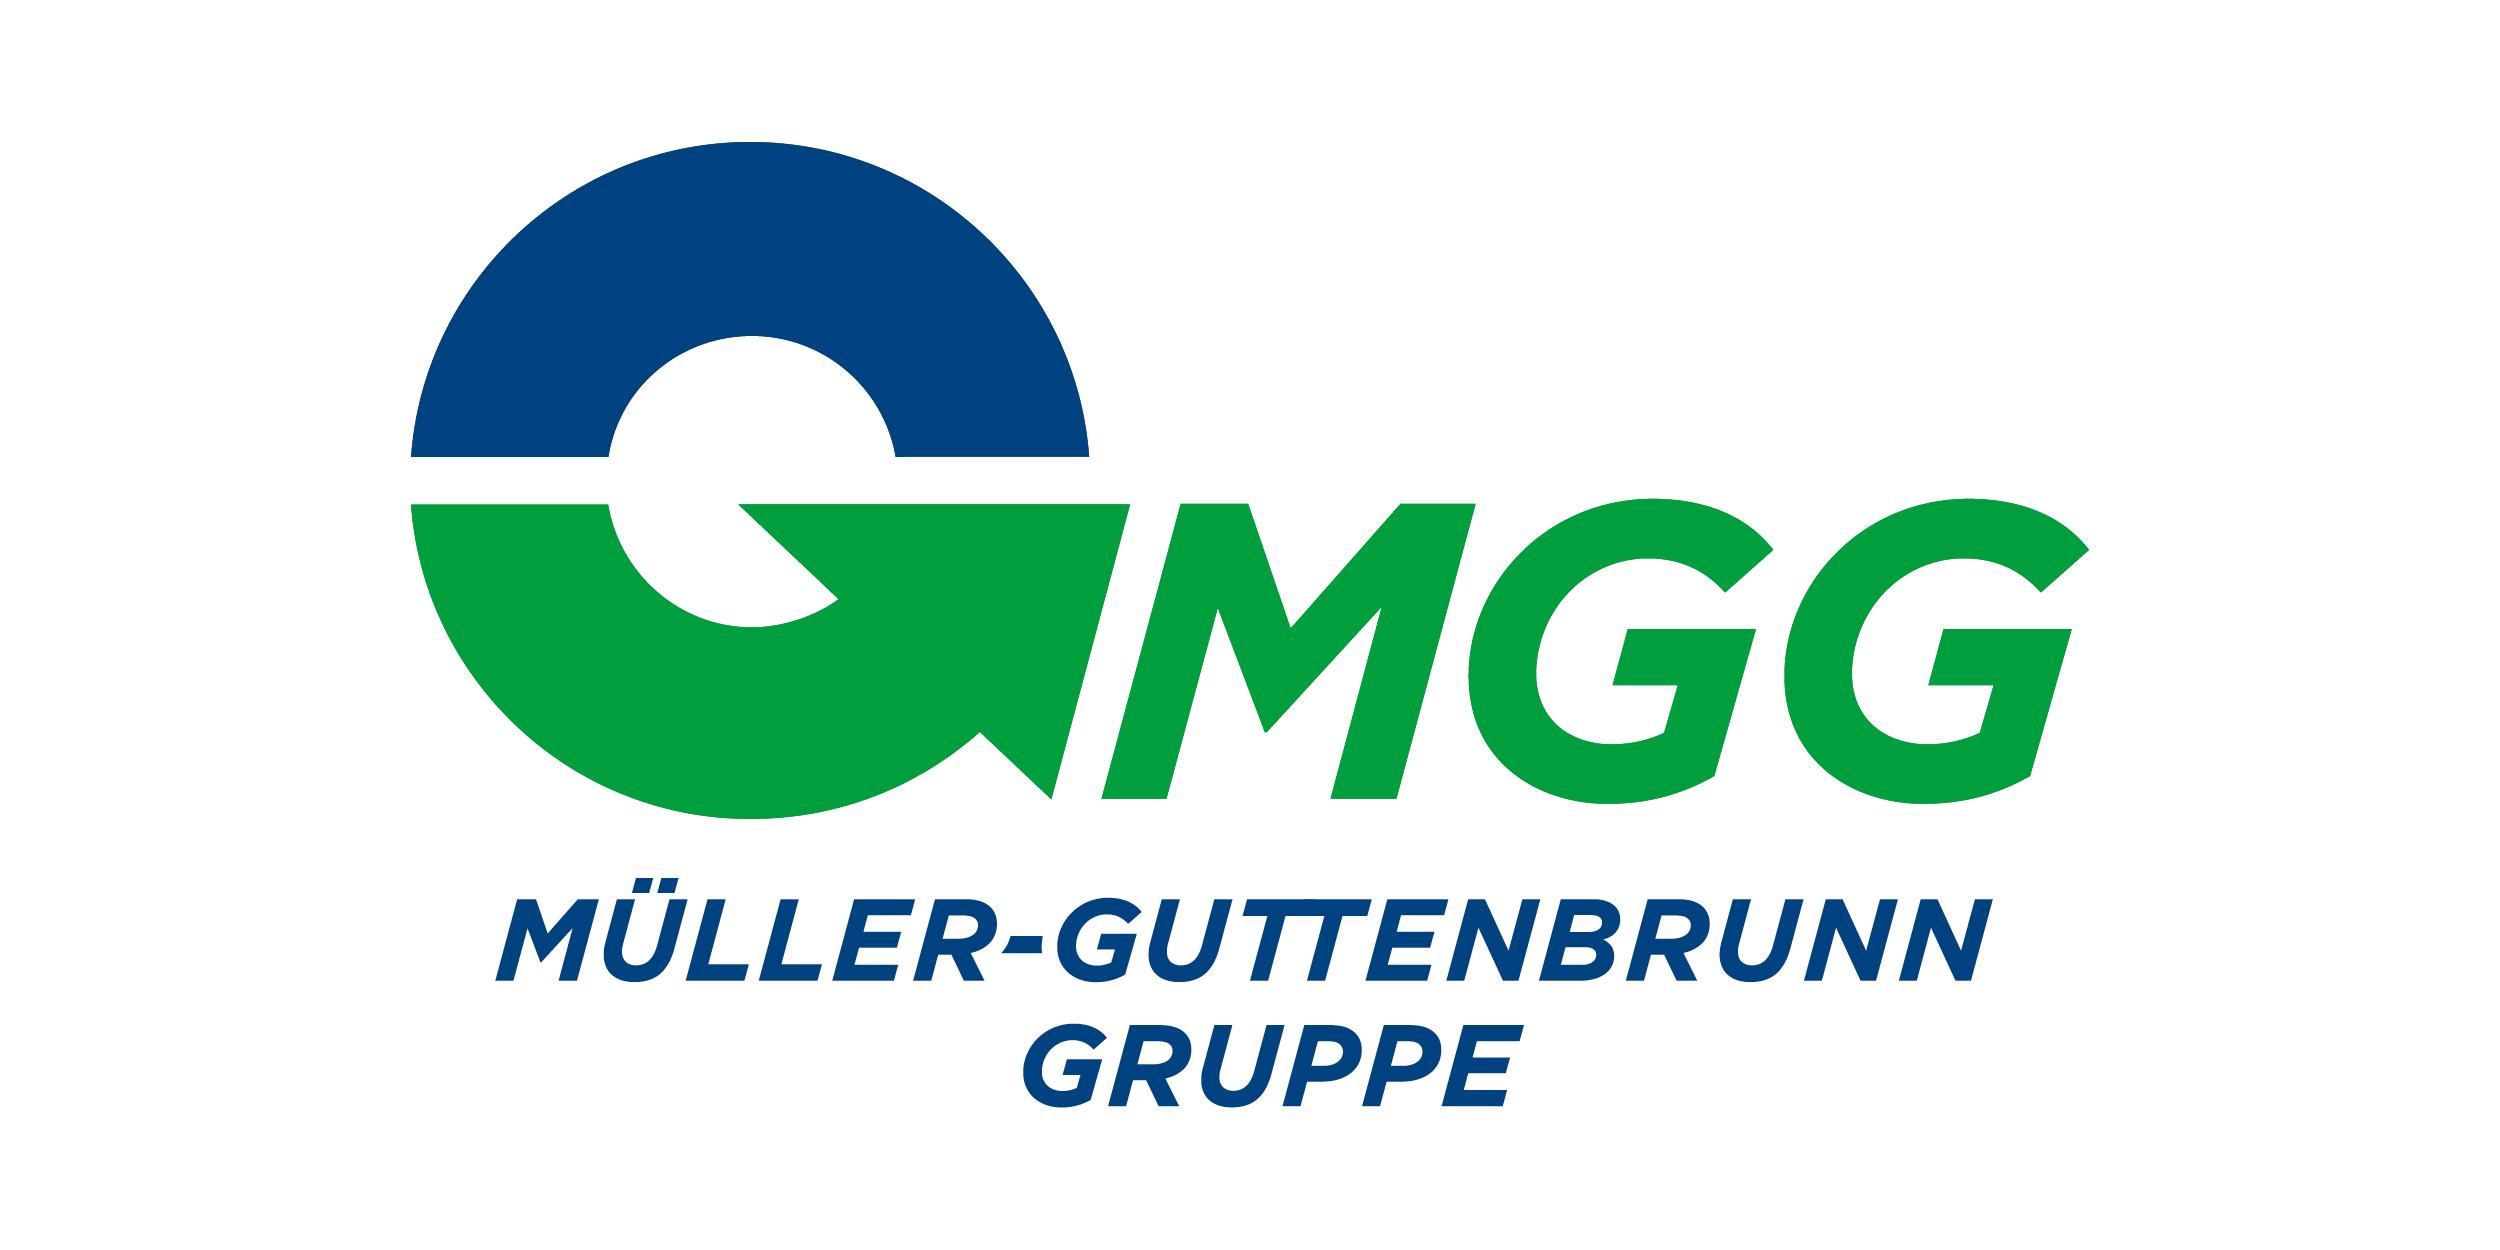 SVG Sponsor - Müller-Guttenbrunn-Gruppe